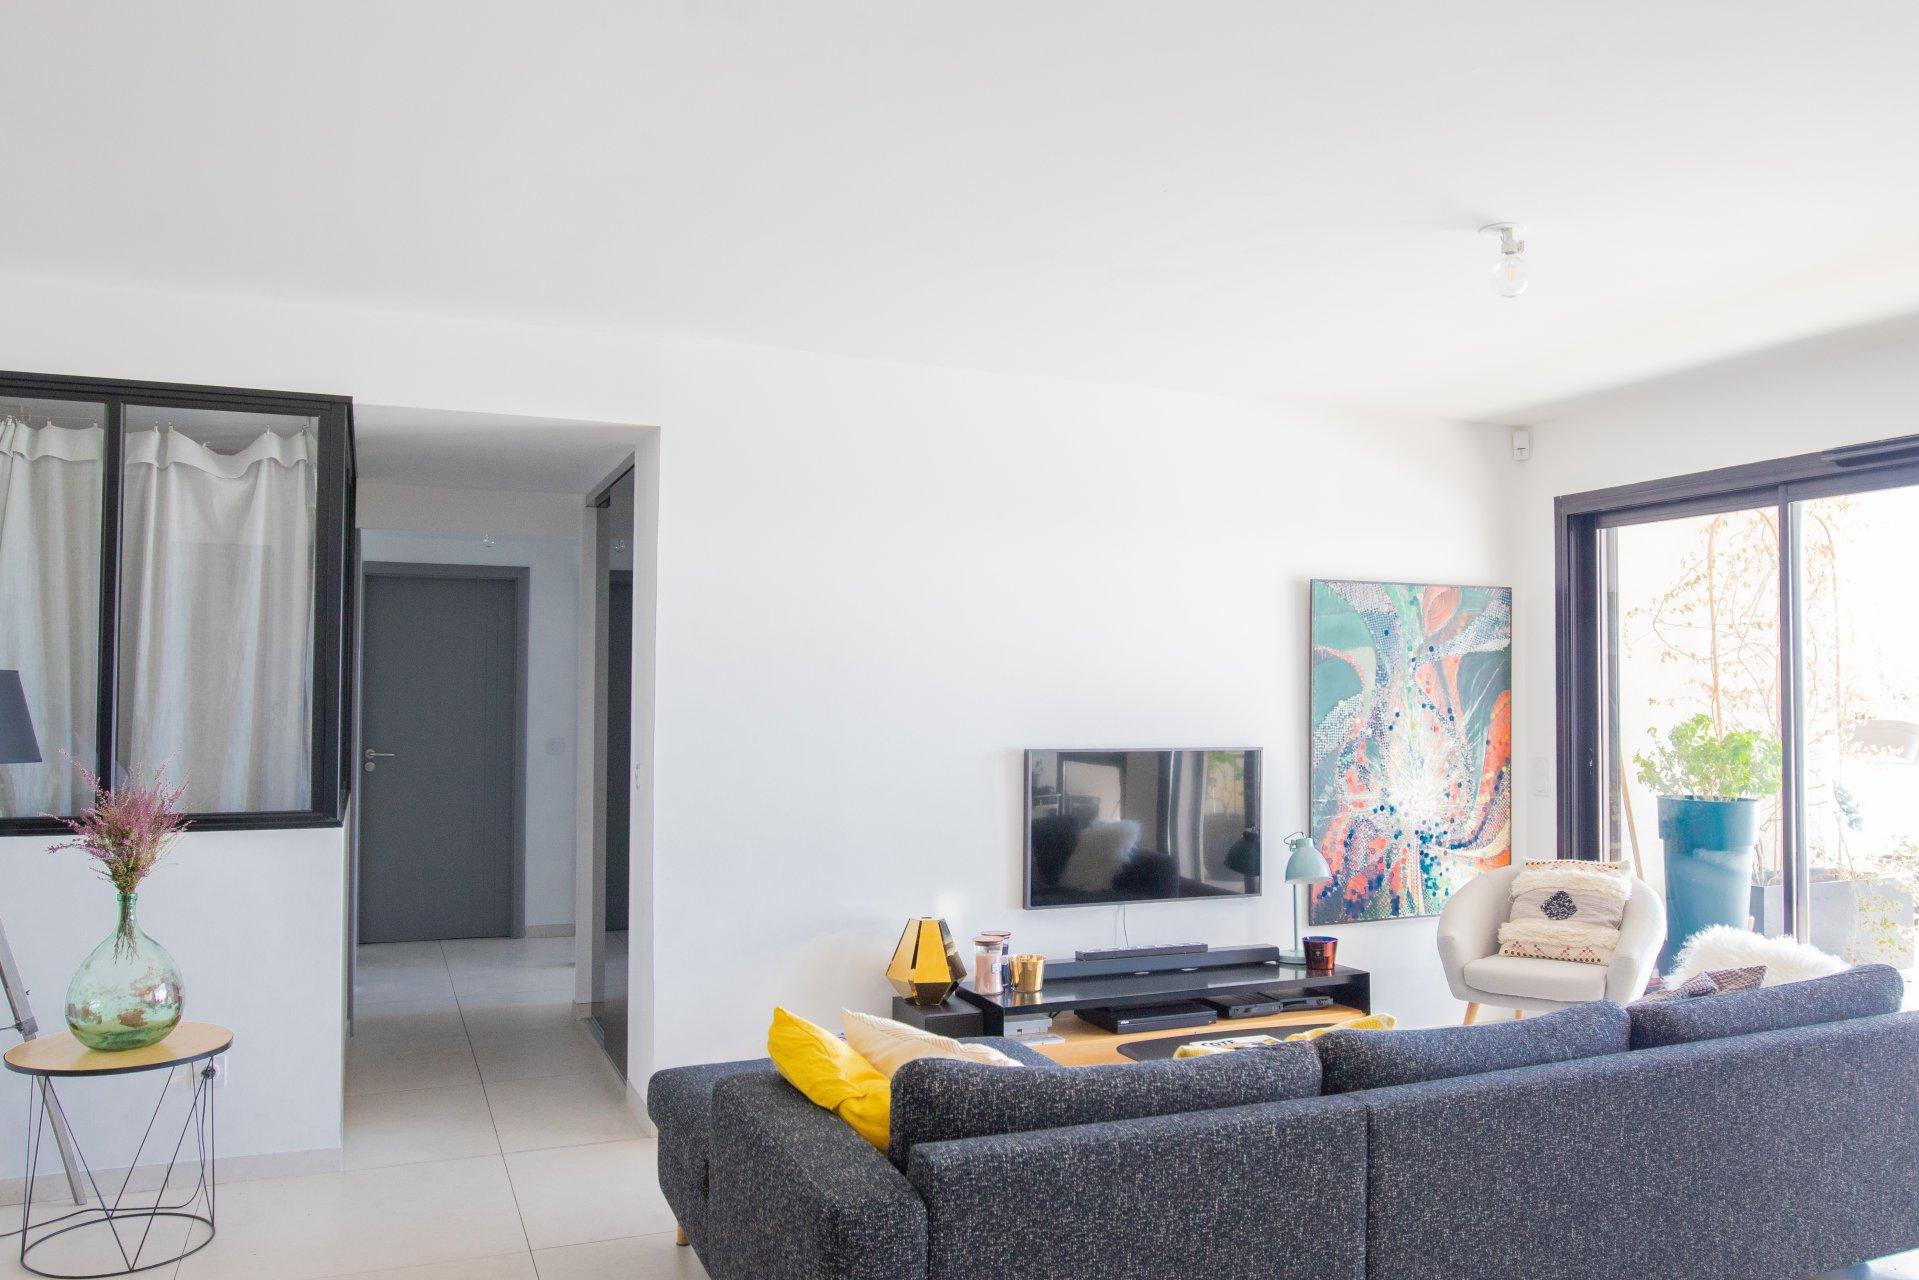 LE SCANDINAVE  - Appartement T4 de 92 m² - Terrasse 30 m² - Piscine - 13012